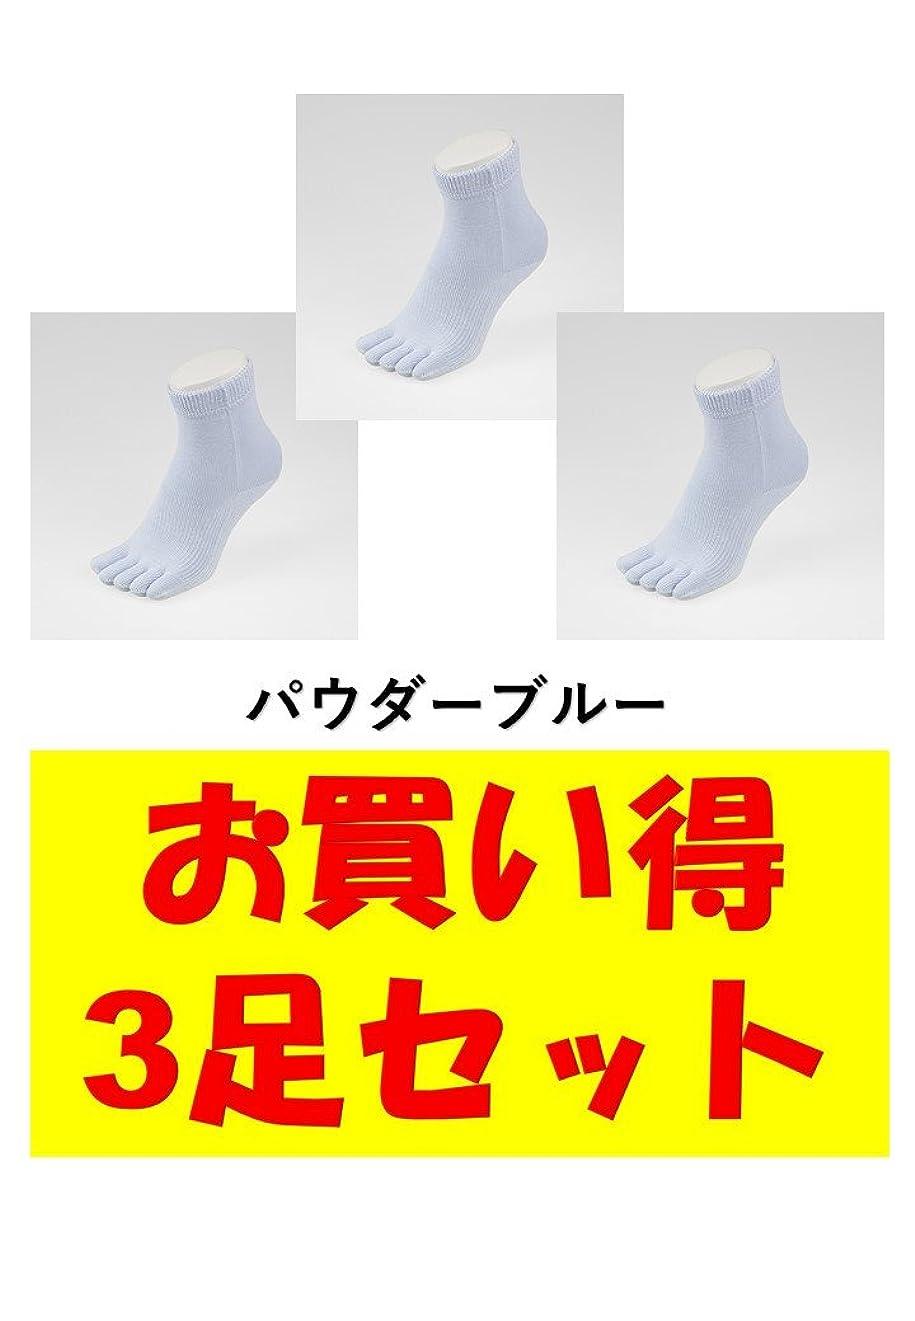 条件付き逃す追加お買い得3足セット 5本指 ゆびのばソックス Neo EVE(イヴ) パウダーブルー Sサイズ(21.0cm - 24.0cm) YSNEVE-PBL